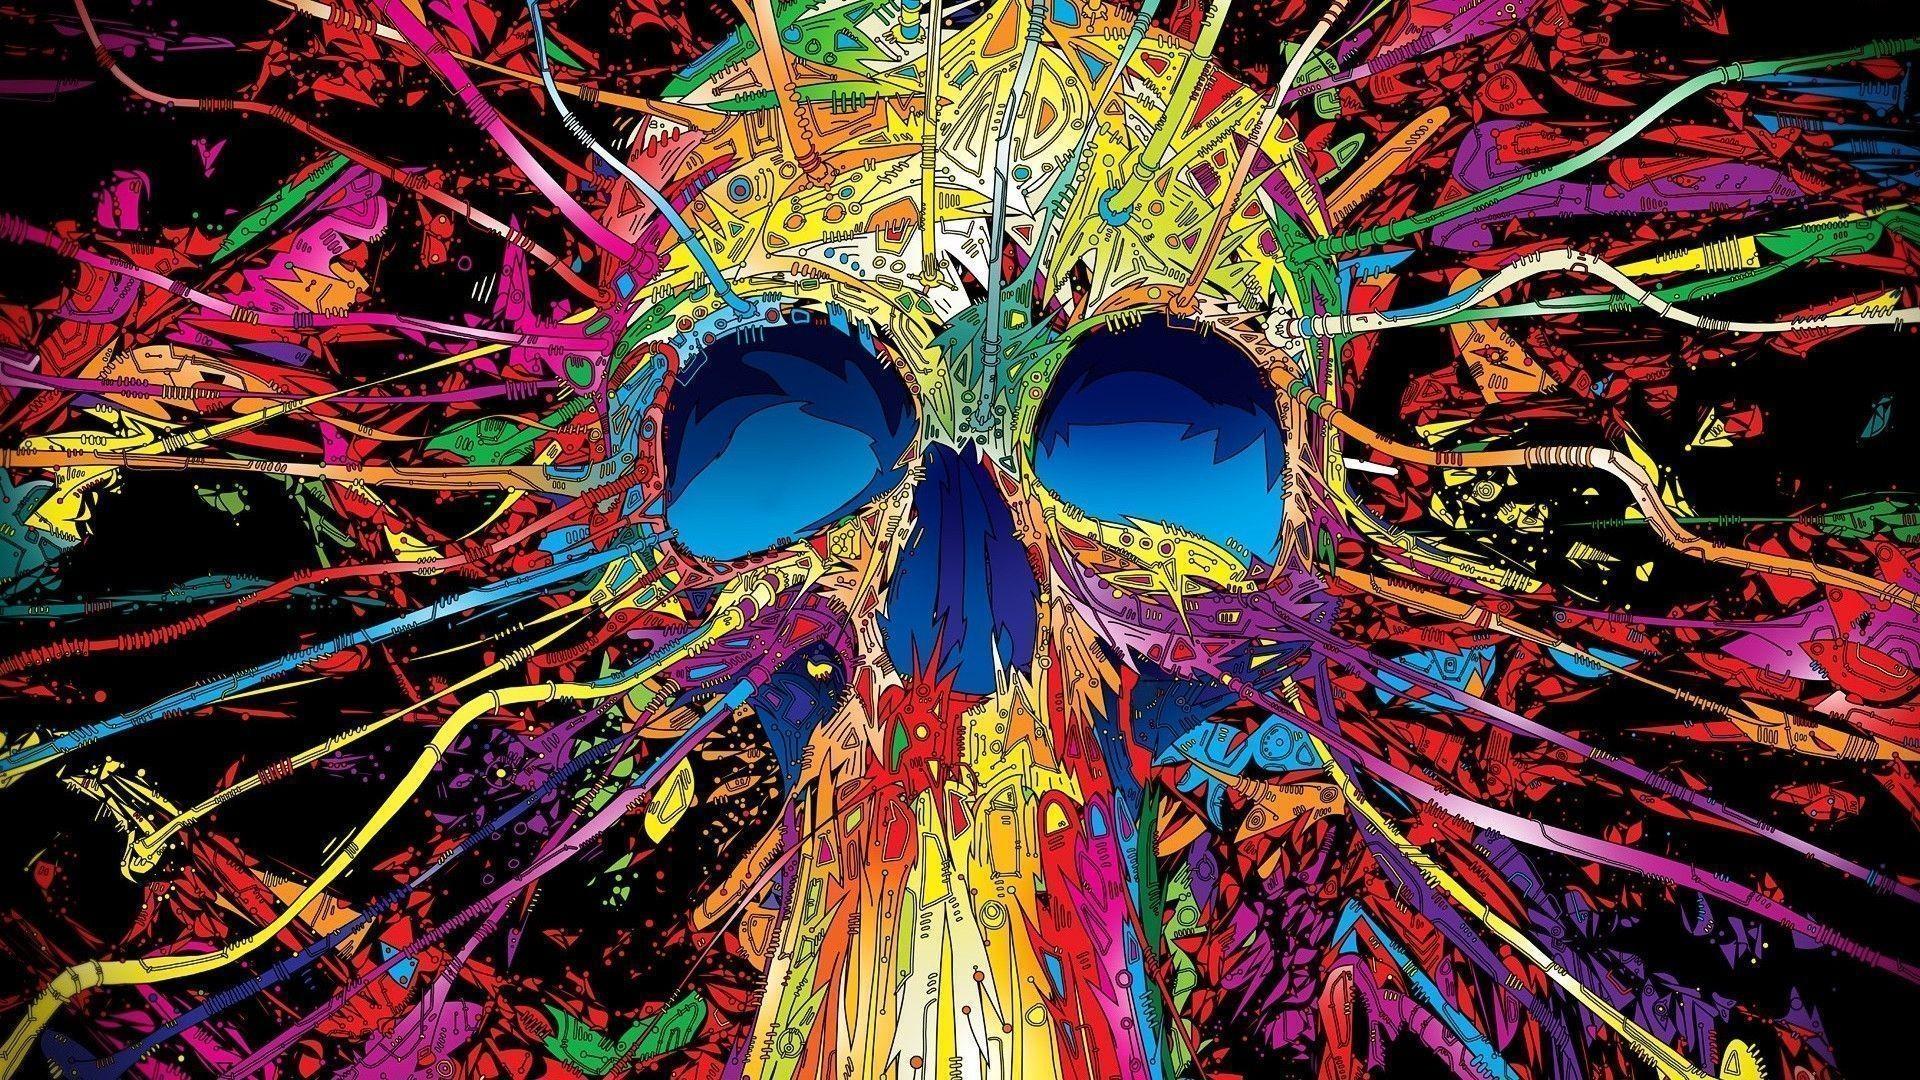 Hd sugar skull wallpaper 64 images - Sugar skull background ...